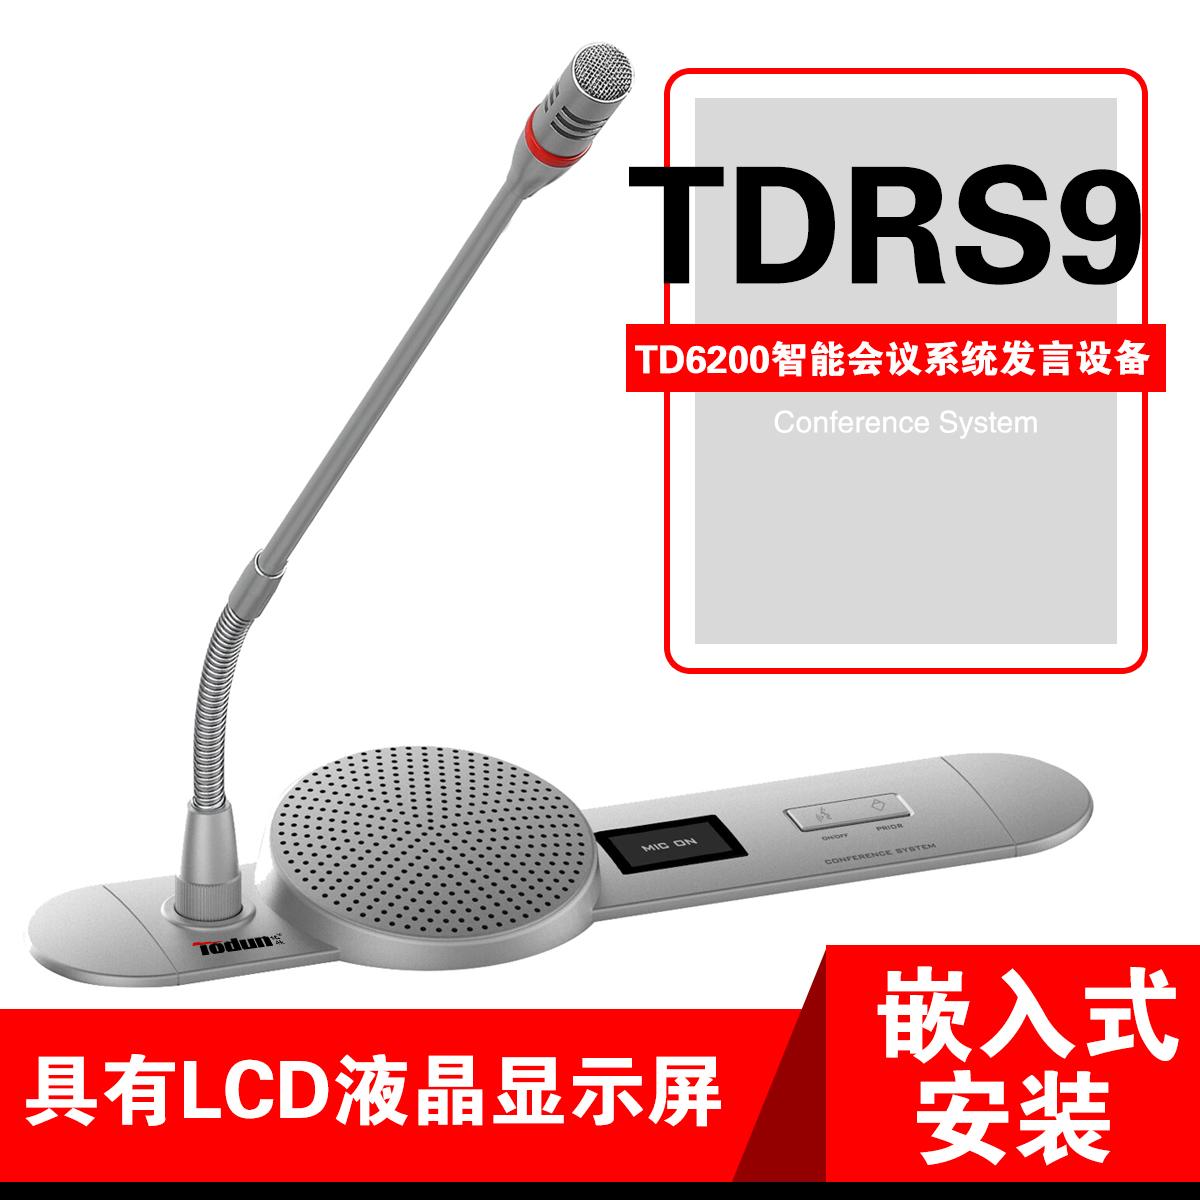 讨论会议系统 视频会议系统-数字手拉手会议系统TD6200 发言设备TDRS9